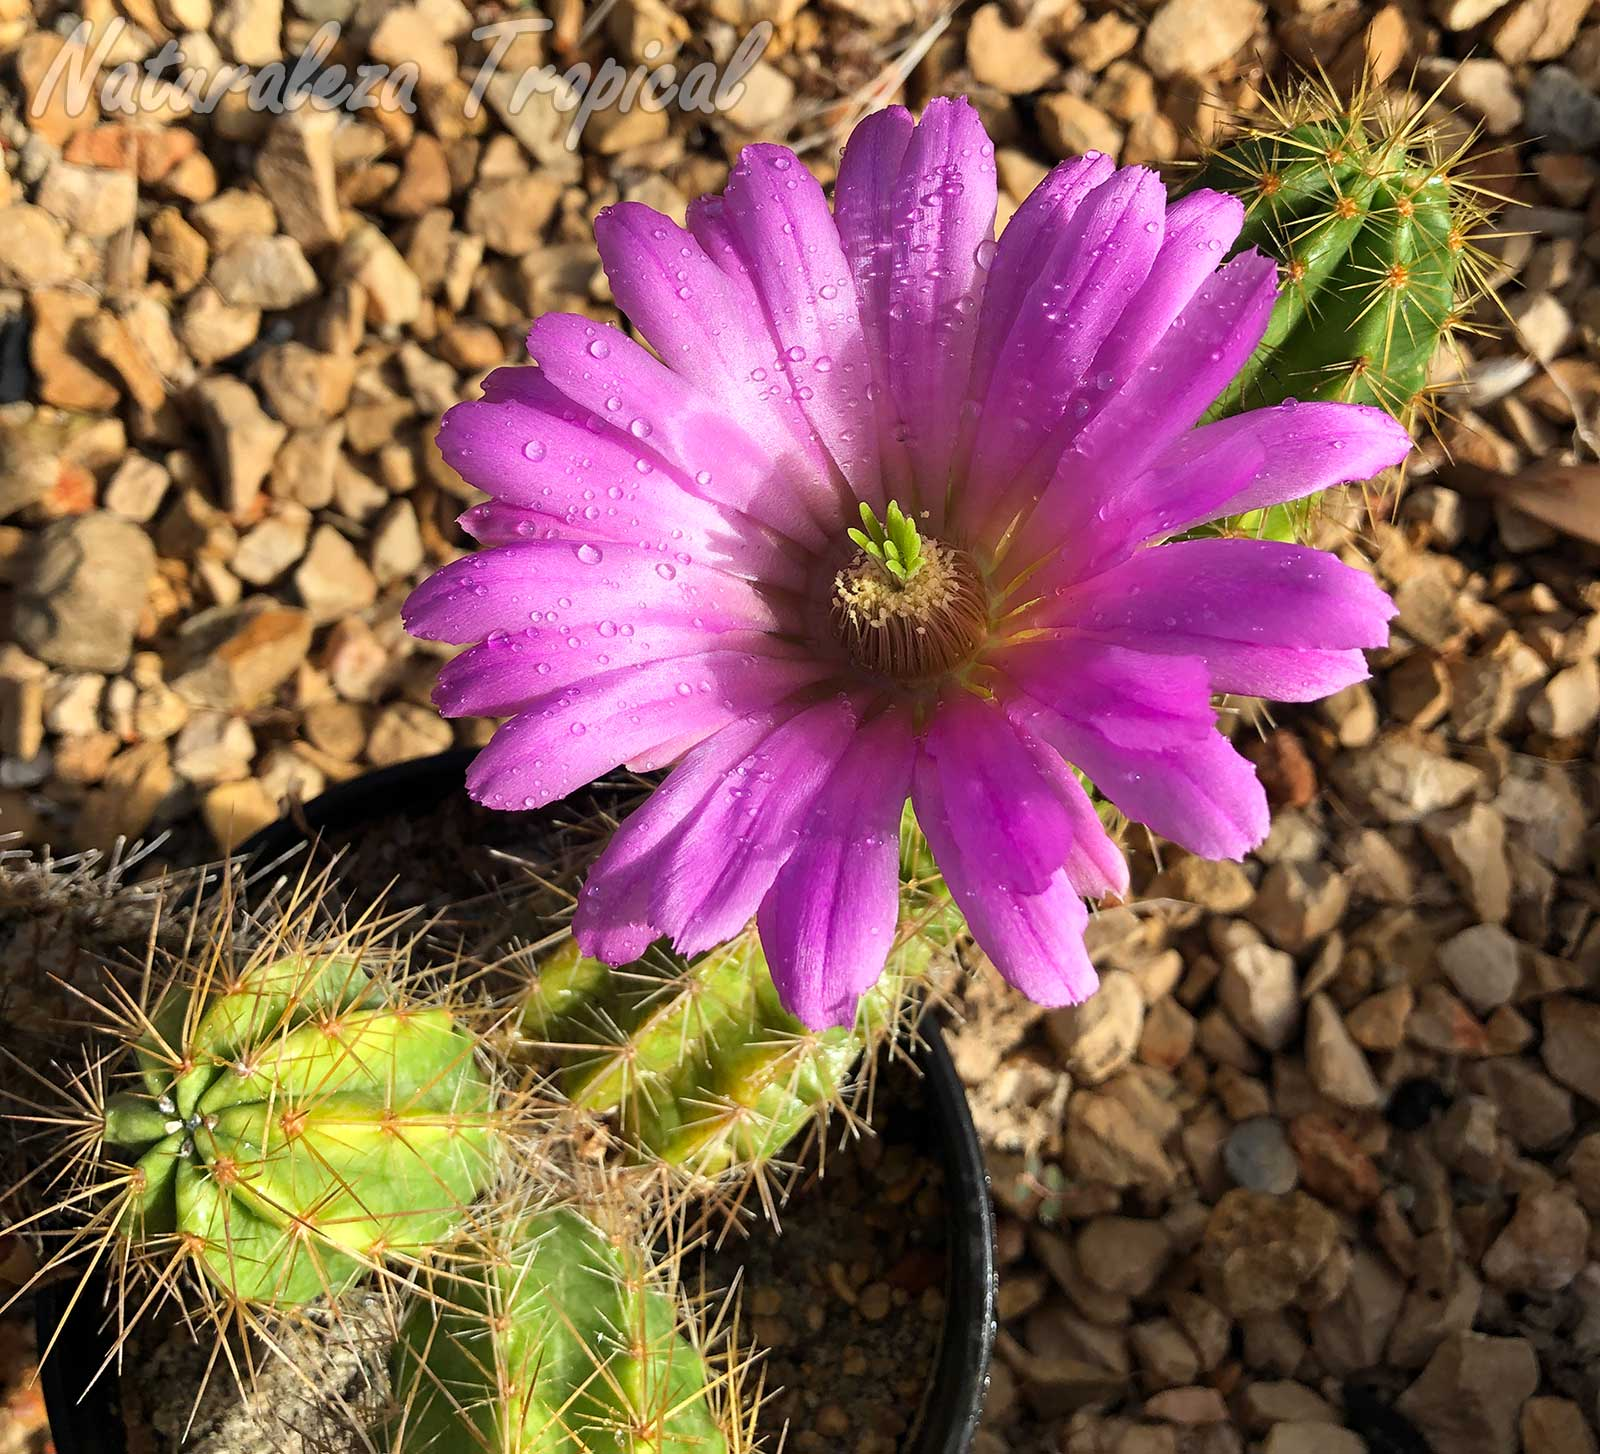 Vista de los tallos y flor característica del cactus Echinocereus viereckii